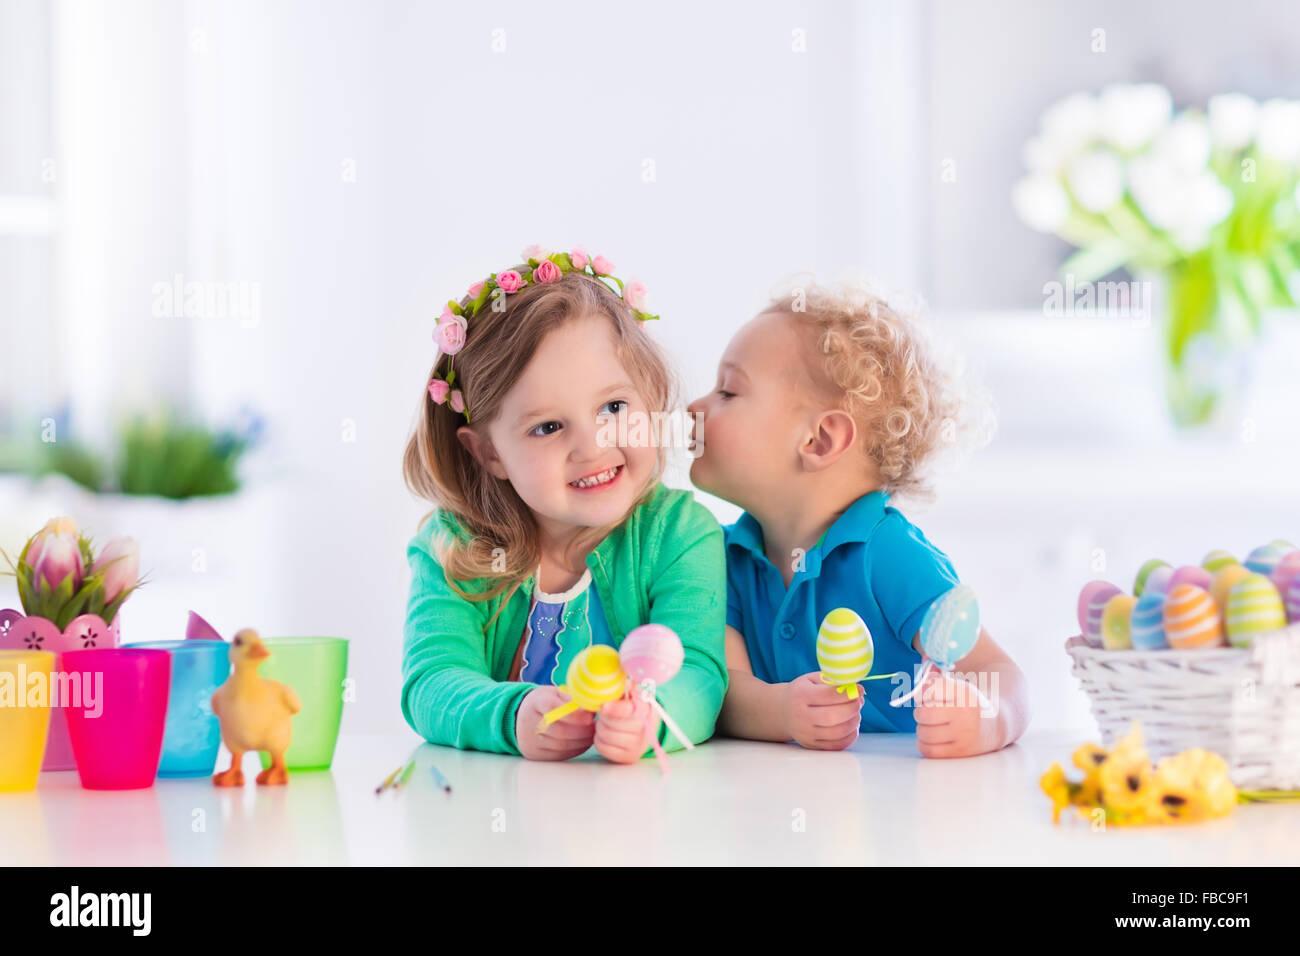 Kinder malen bunte Eiern. Kinder malen und dekorieren Osterei ...